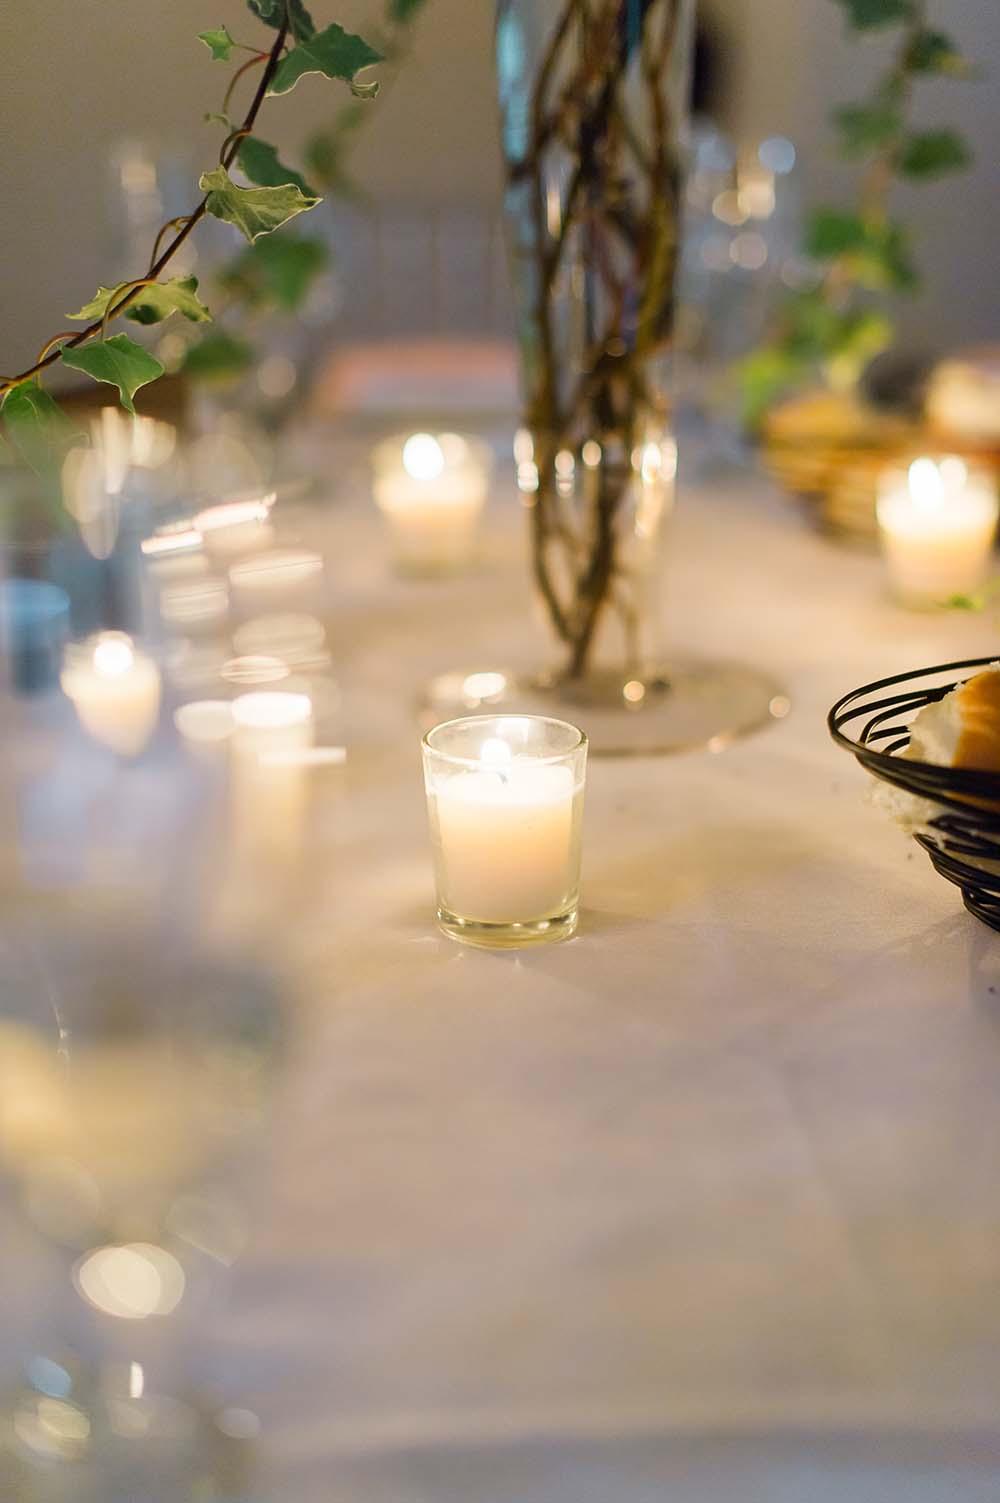 farmington-gardens-wedding-greg-lewis-photography-51